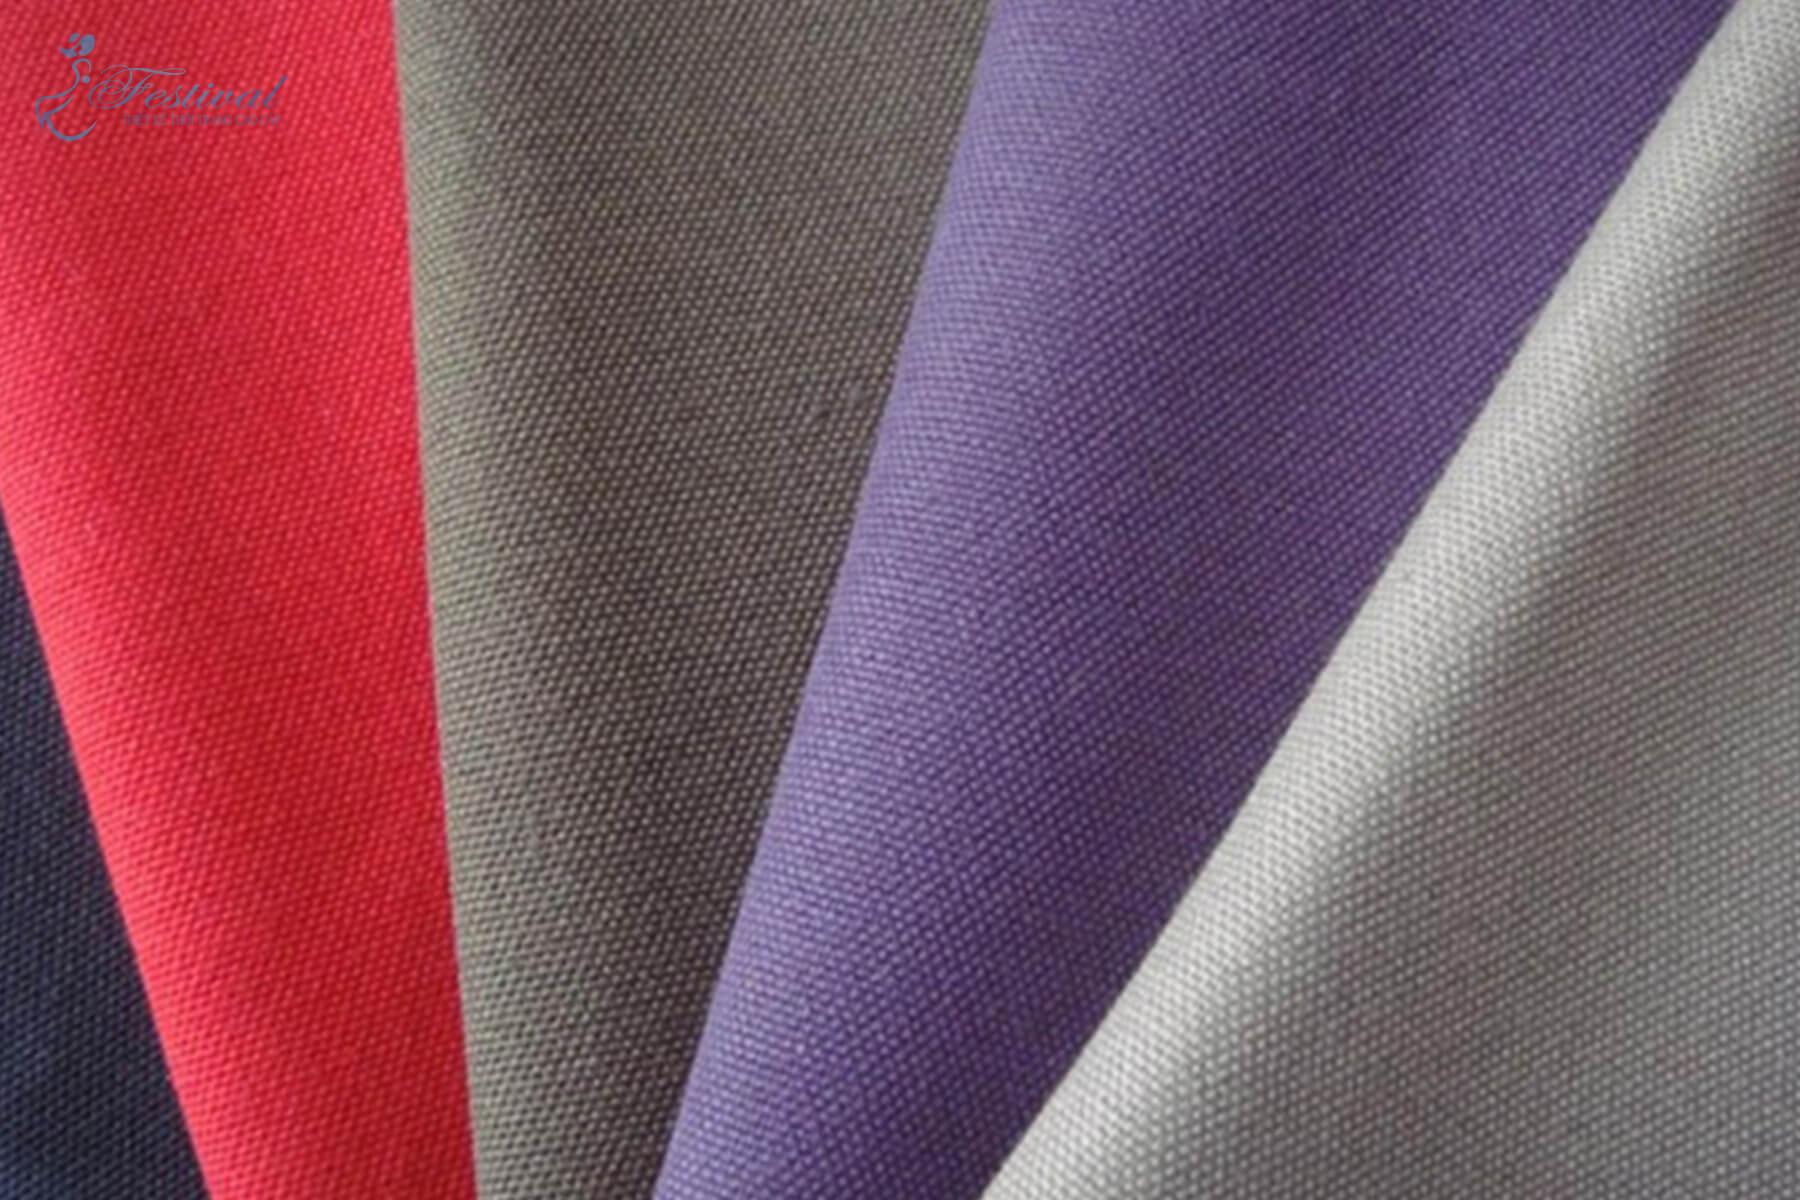 Vải cotton nhung - Vải cotton là gì? Hiểu rõ hơn về các loại vải cotton